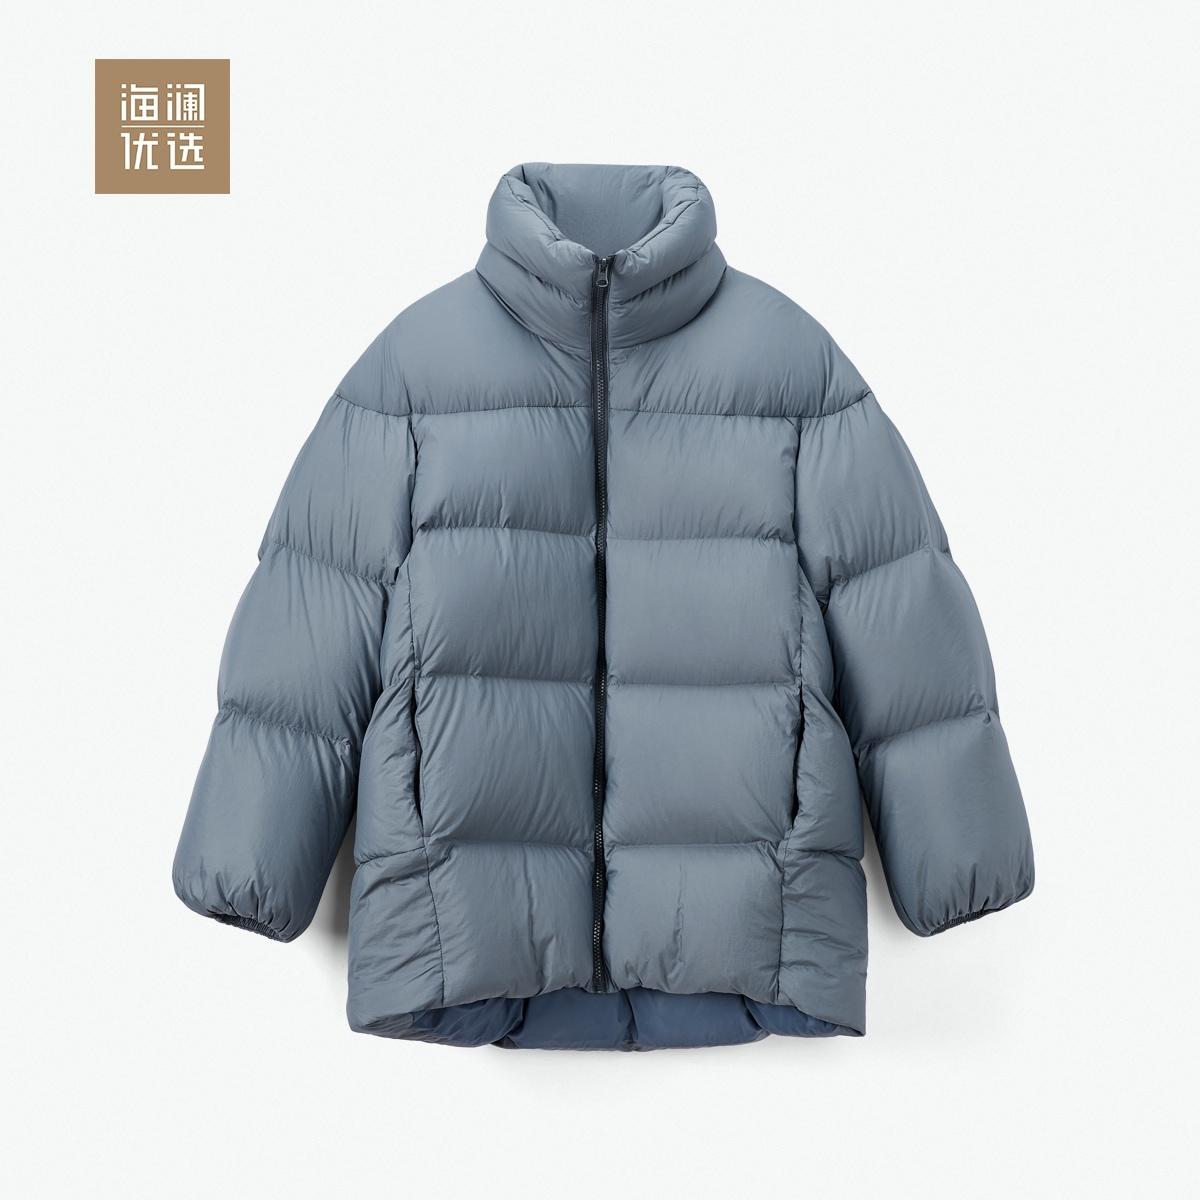 冬季白鹅绒女士立领保暖舒适长款羽绒服海澜优选